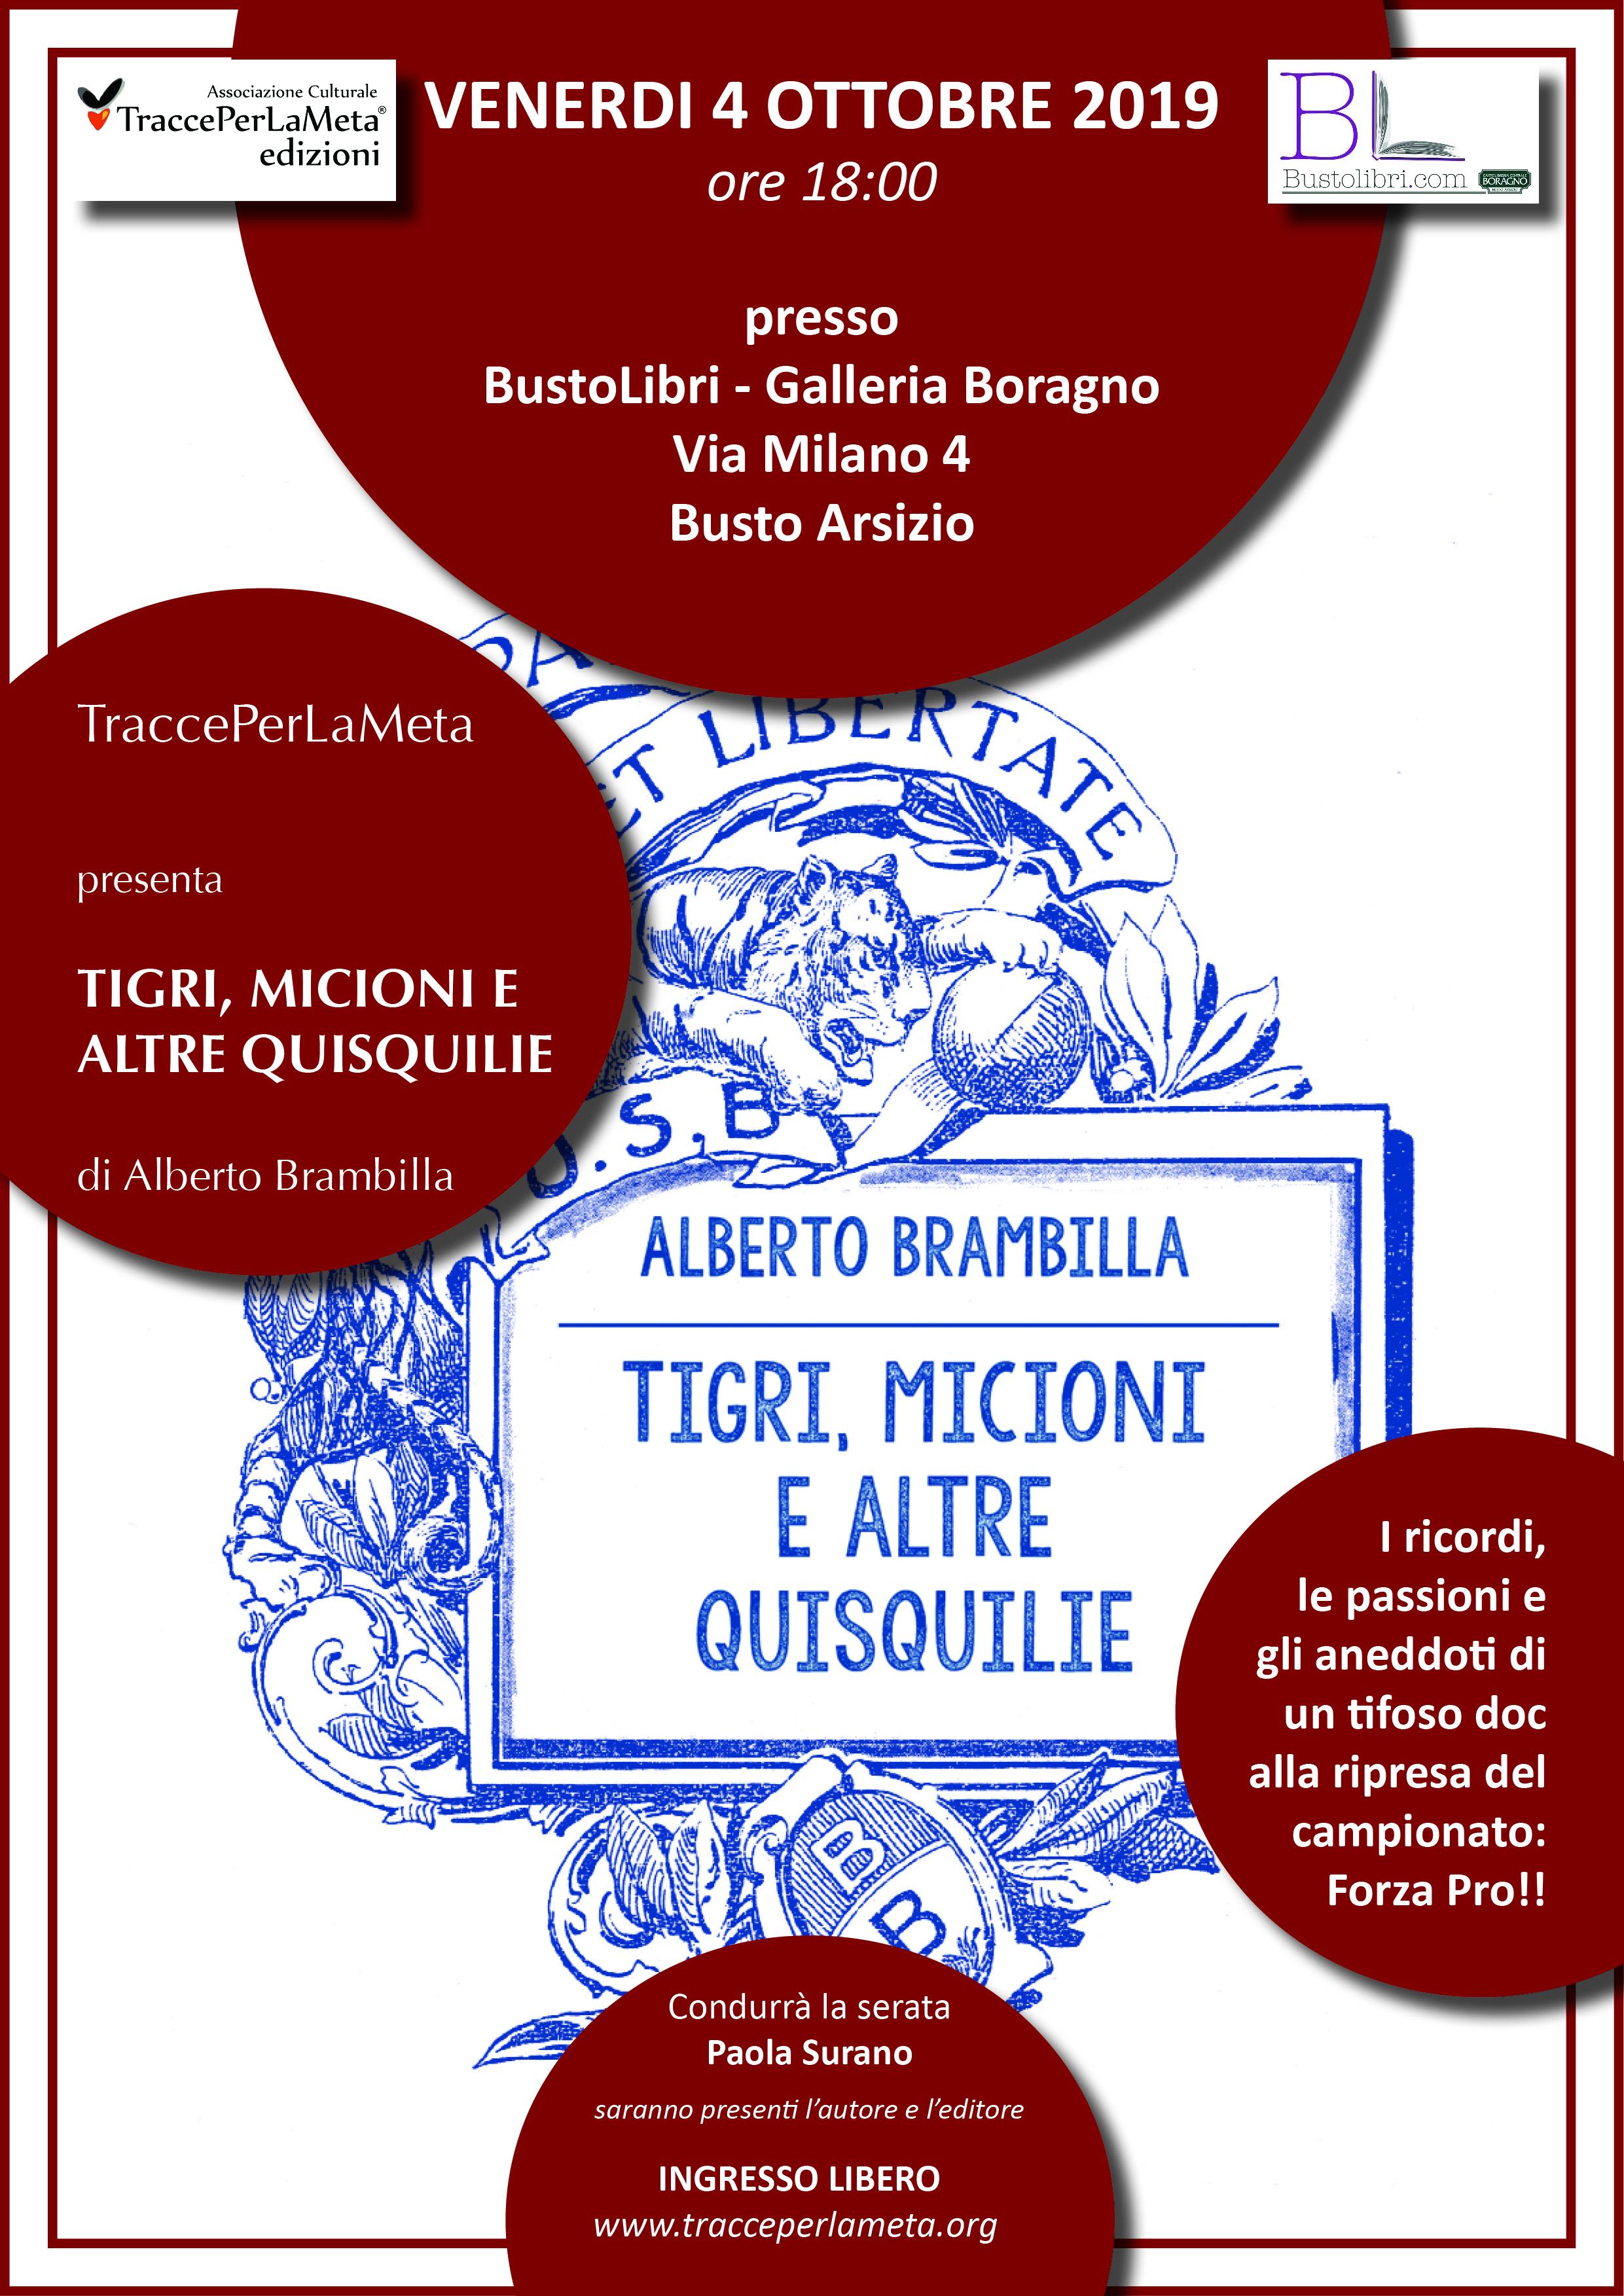 """4.10.2019 – Presentazione del libro """"TIGRI, MICIONI E ALTRE QUISQUILIE"""" di Alberto Brambilla"""